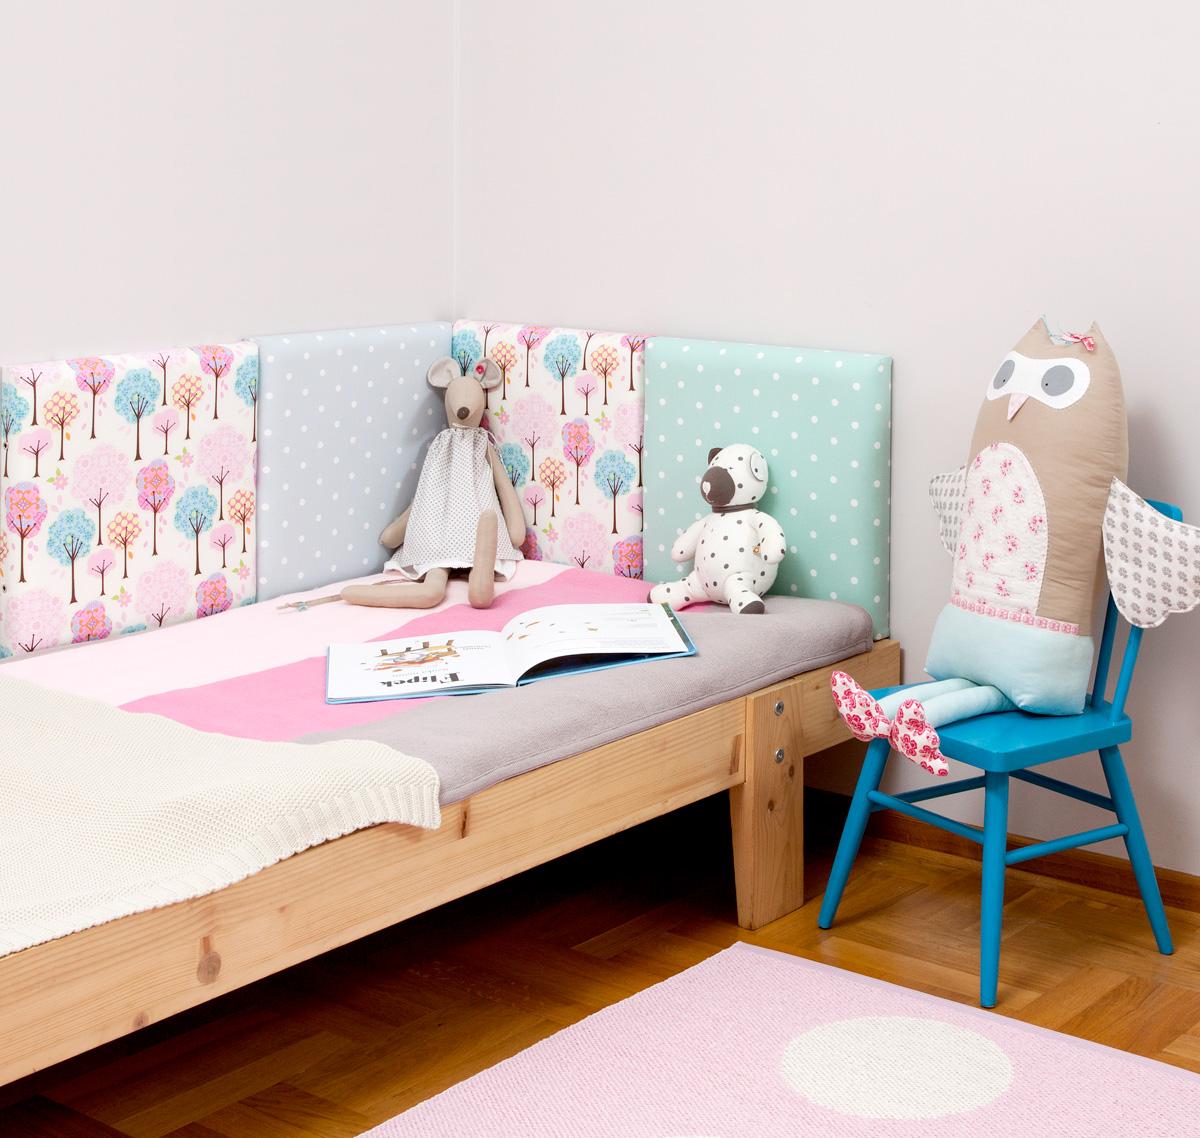 panele tapicerowane, tapicerowany zagłówek łóżka